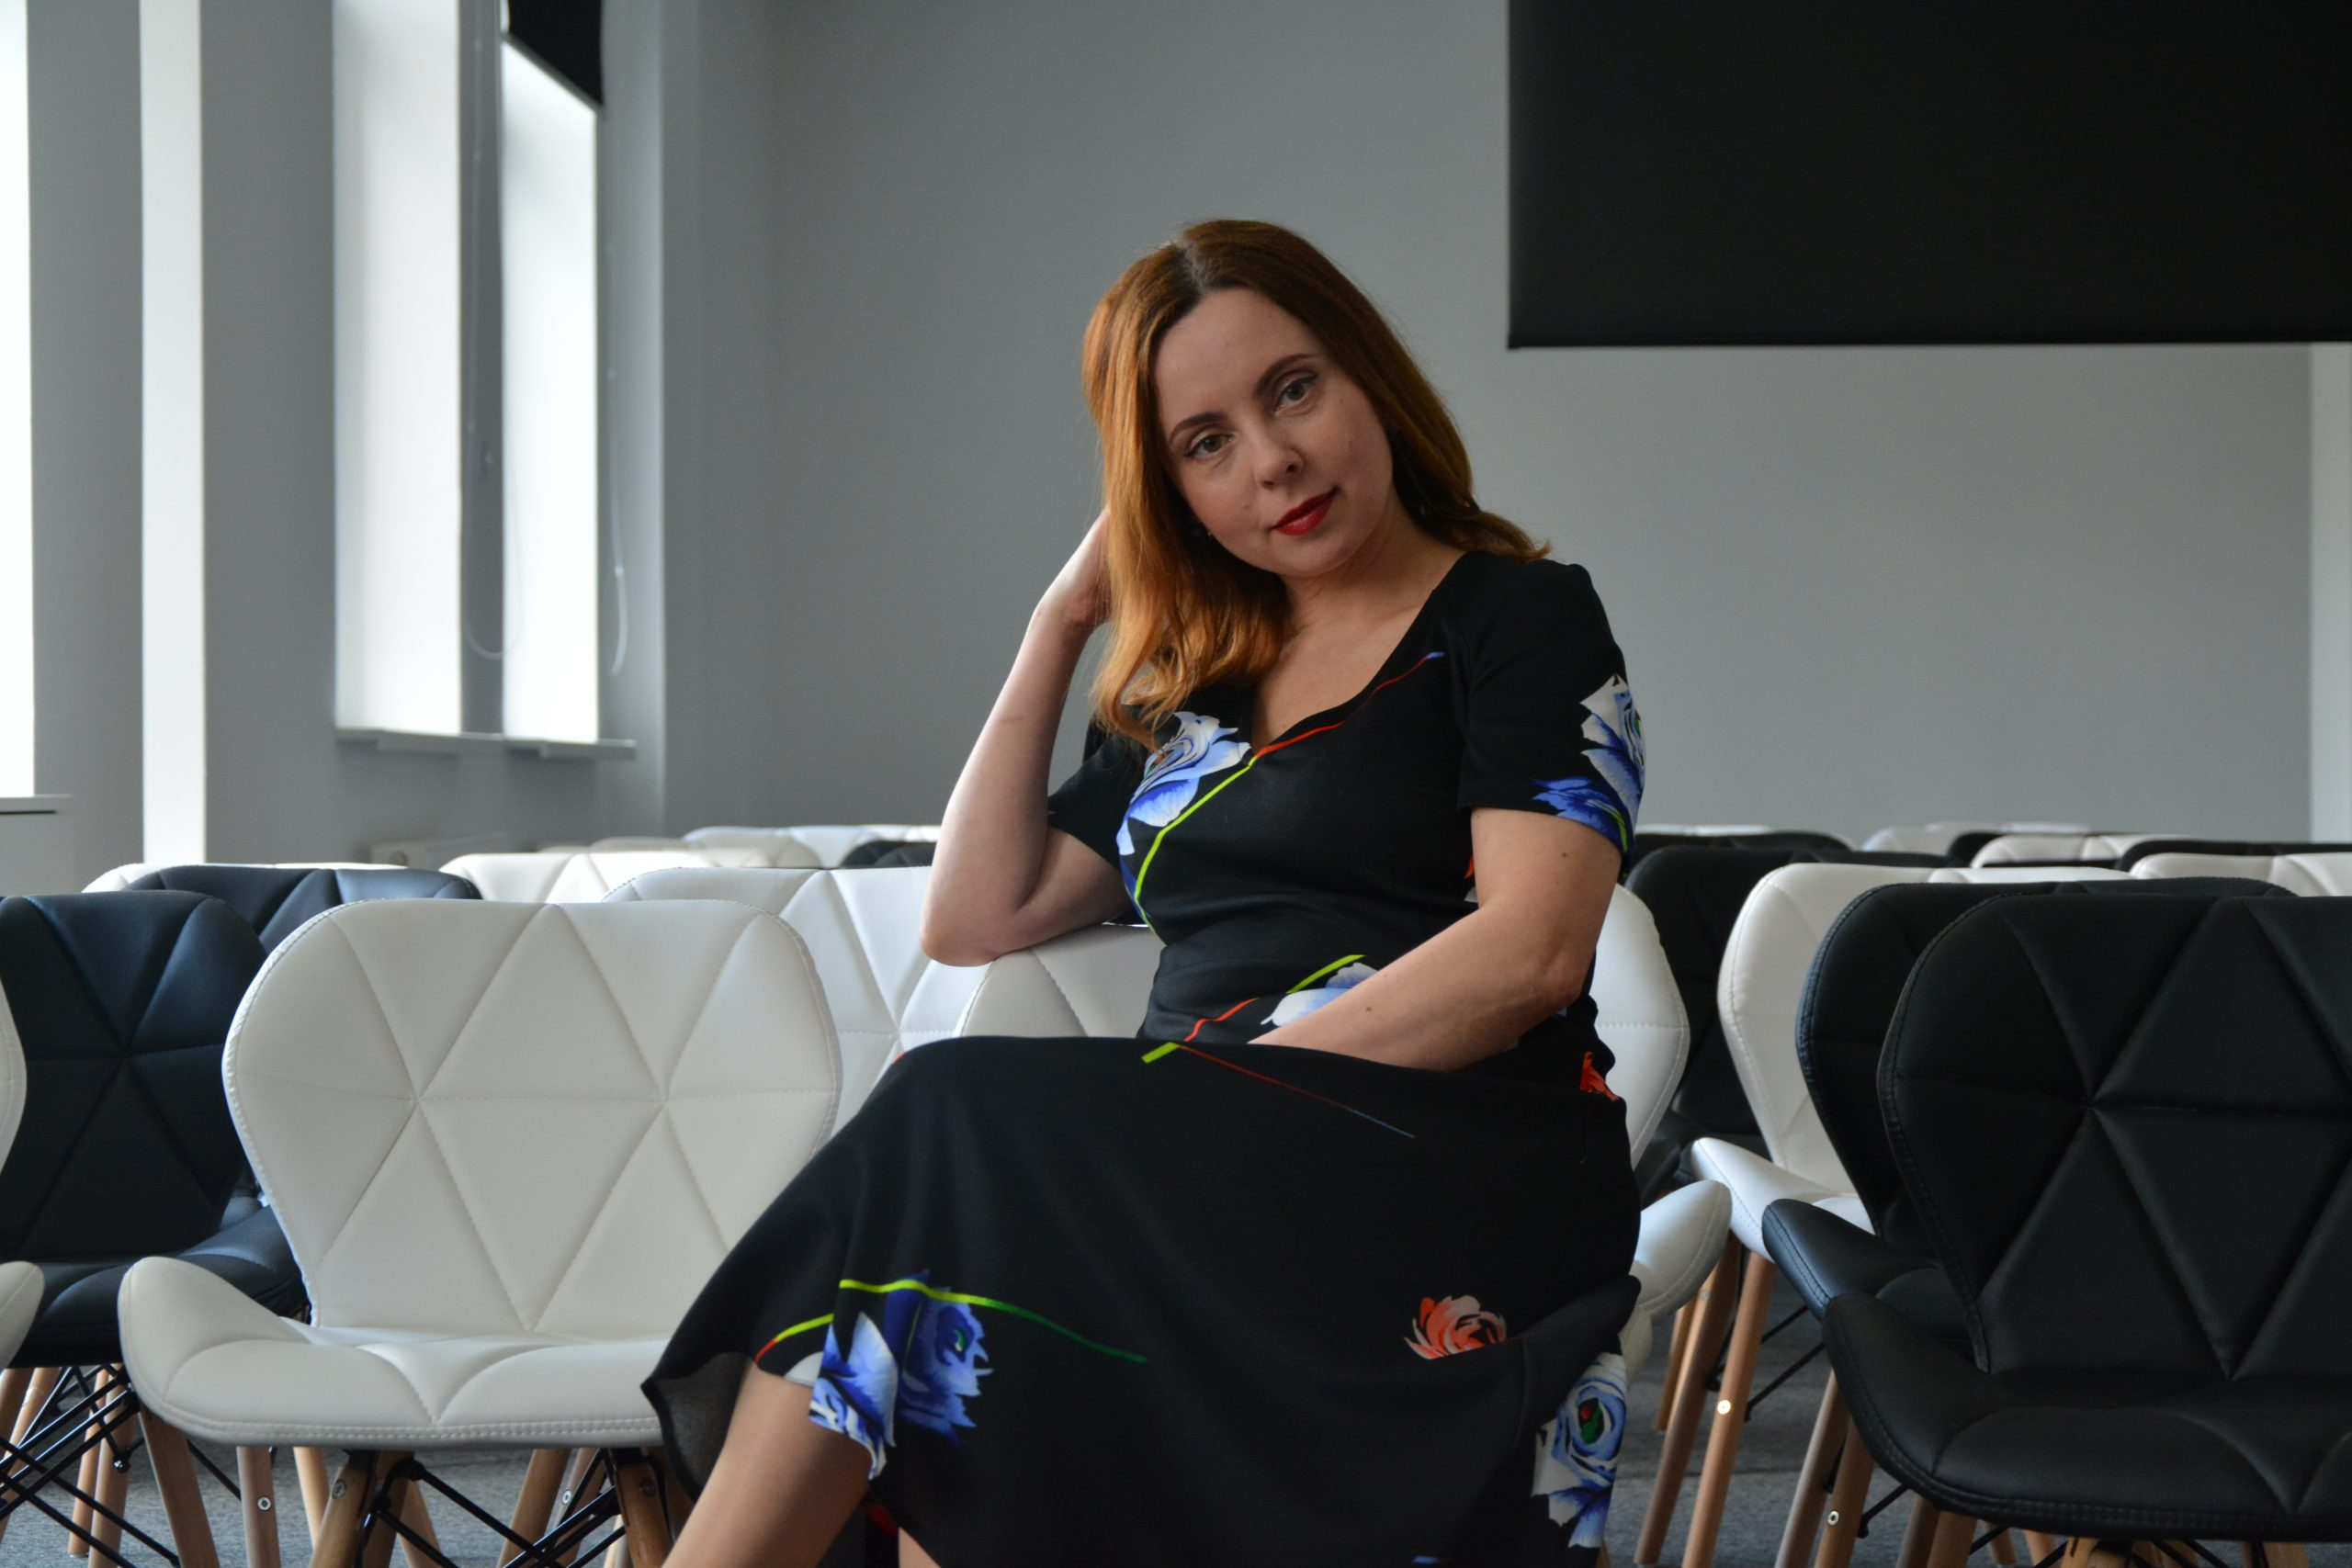 ДЕЛО В КАДРАХ: Наталия Курдес, бизнес-консультант и коуч, о том, как компаниям обеспечивать себя специалистами в условиях их дефицита на рынке труда